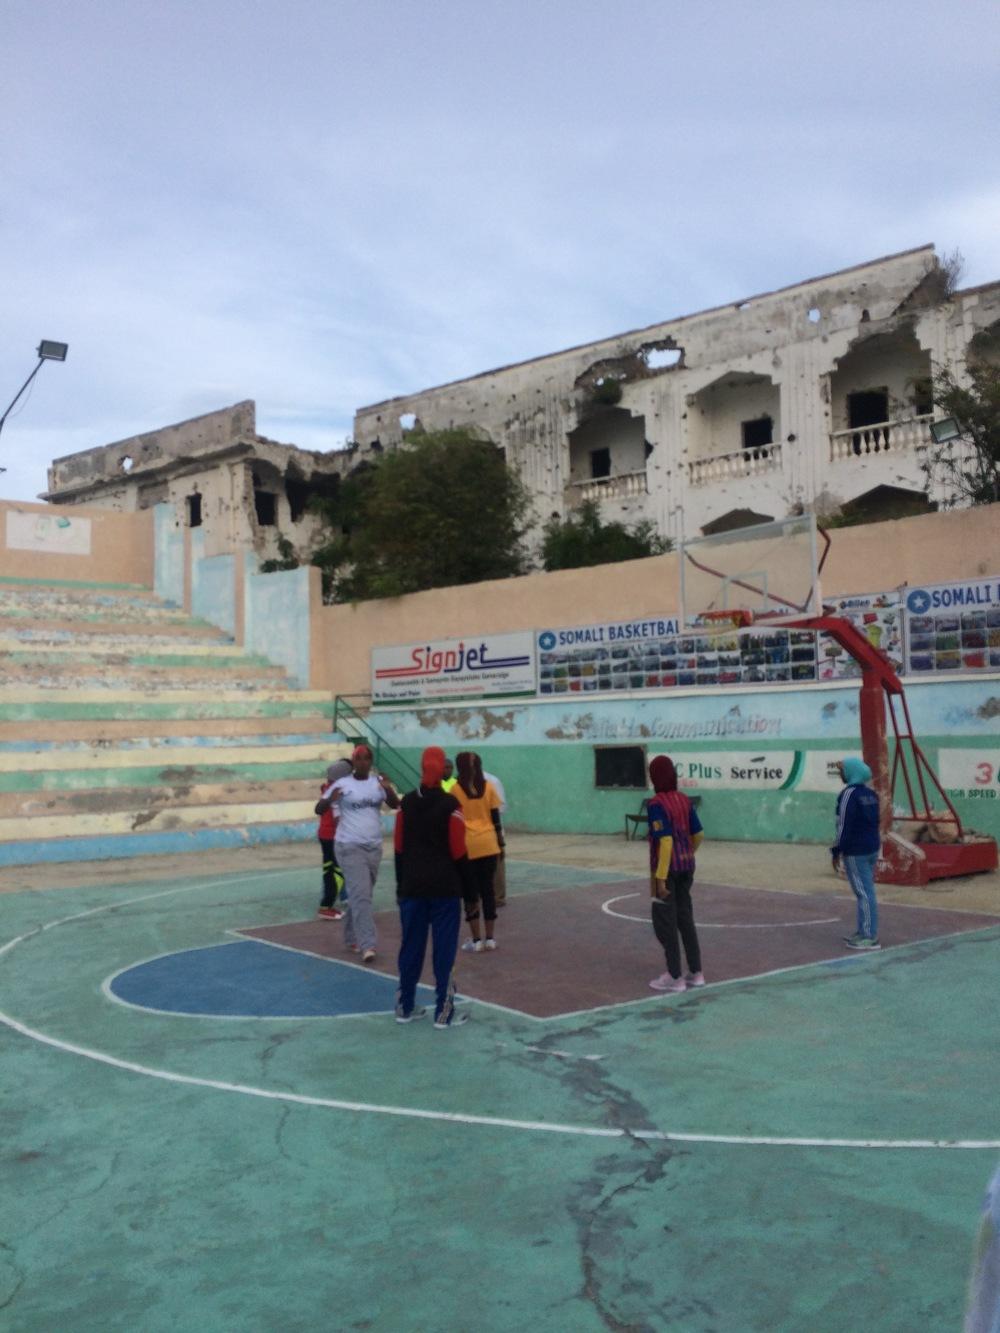 Wiish stadium Mogadishu - 2015